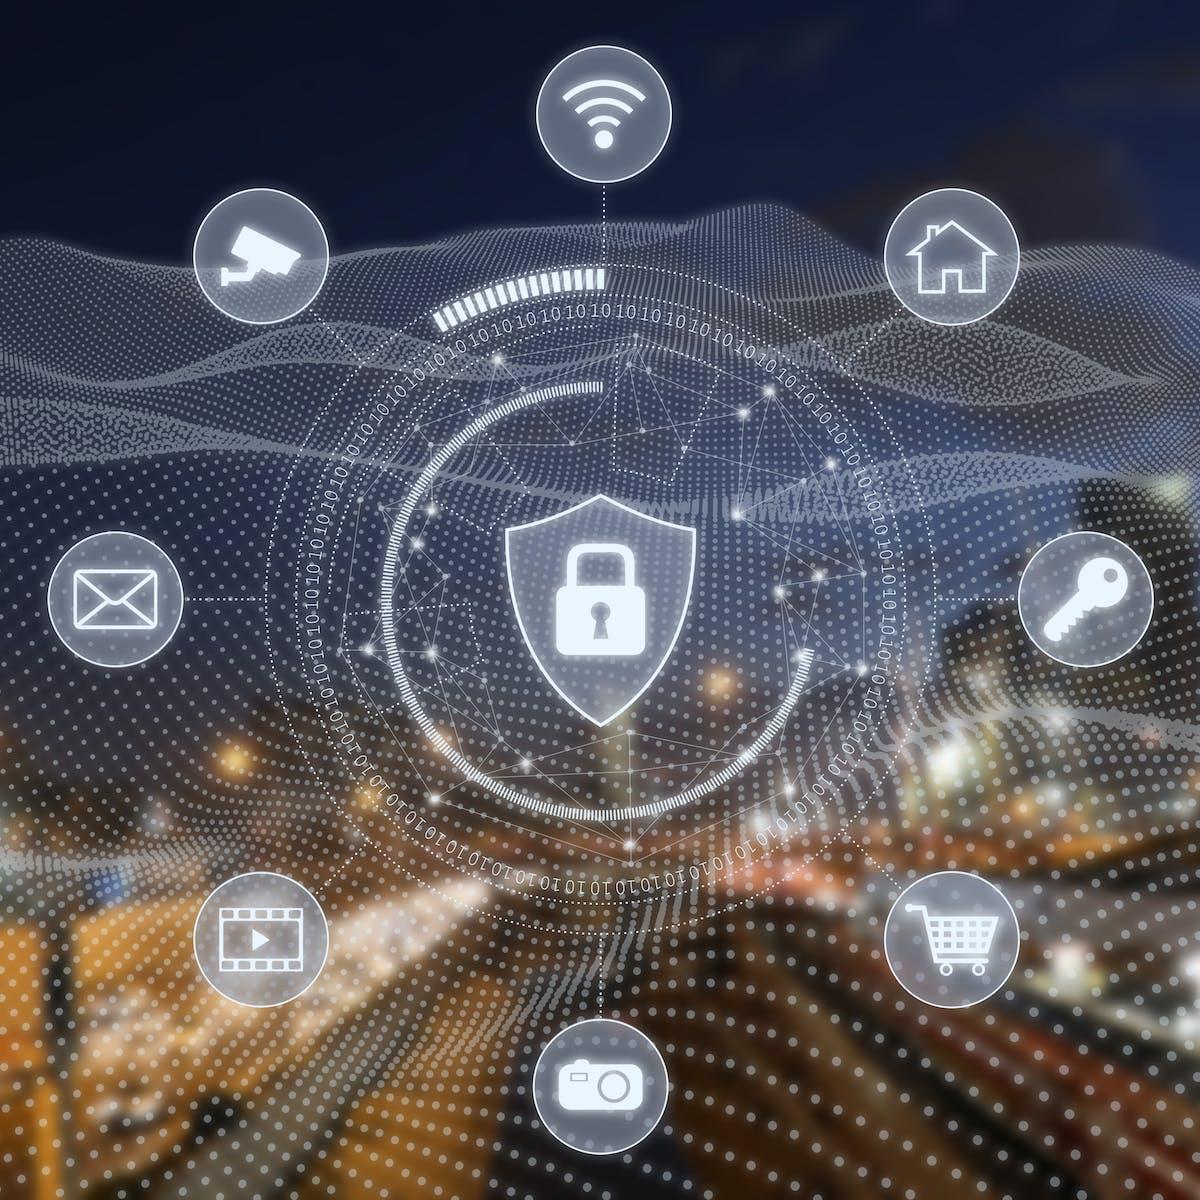 Titelbild-Cyber-Mobile-Security-Sicherheit-Schloss-Daten-Vernetzung-iStock-1130248375-alexsl